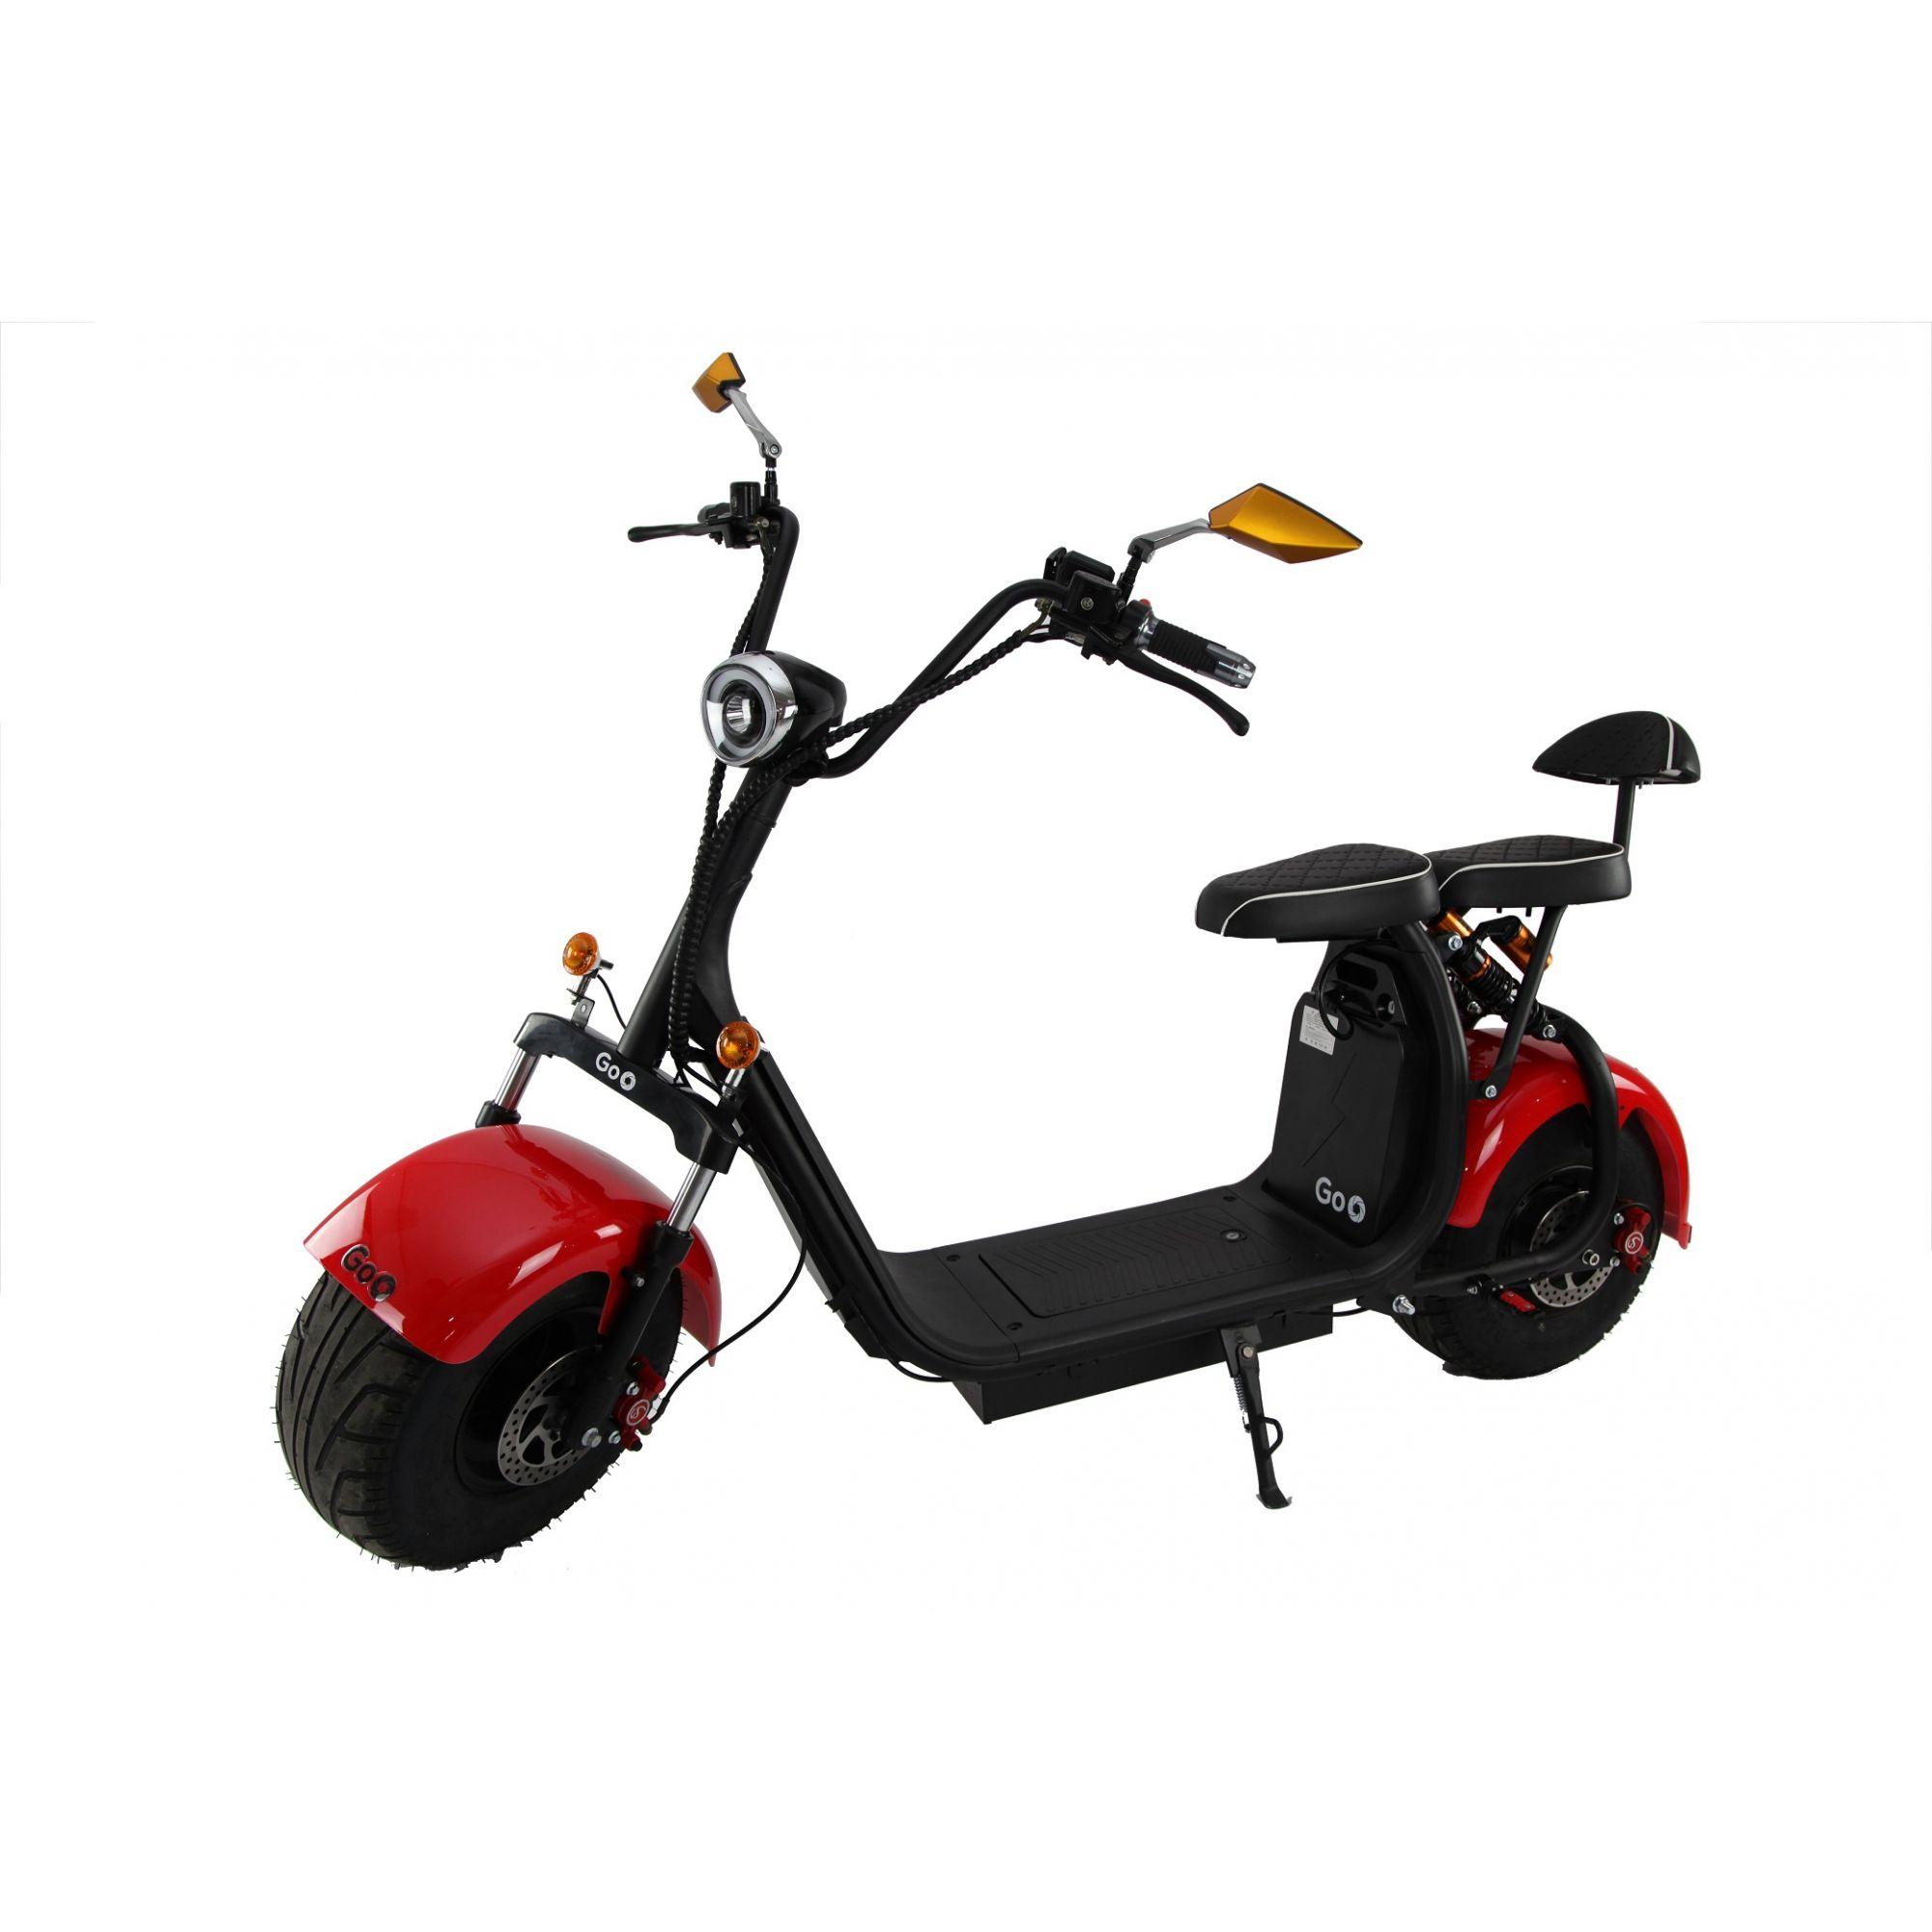 Scooter elétrica citycoco X7 2000W com bateria 30Ah